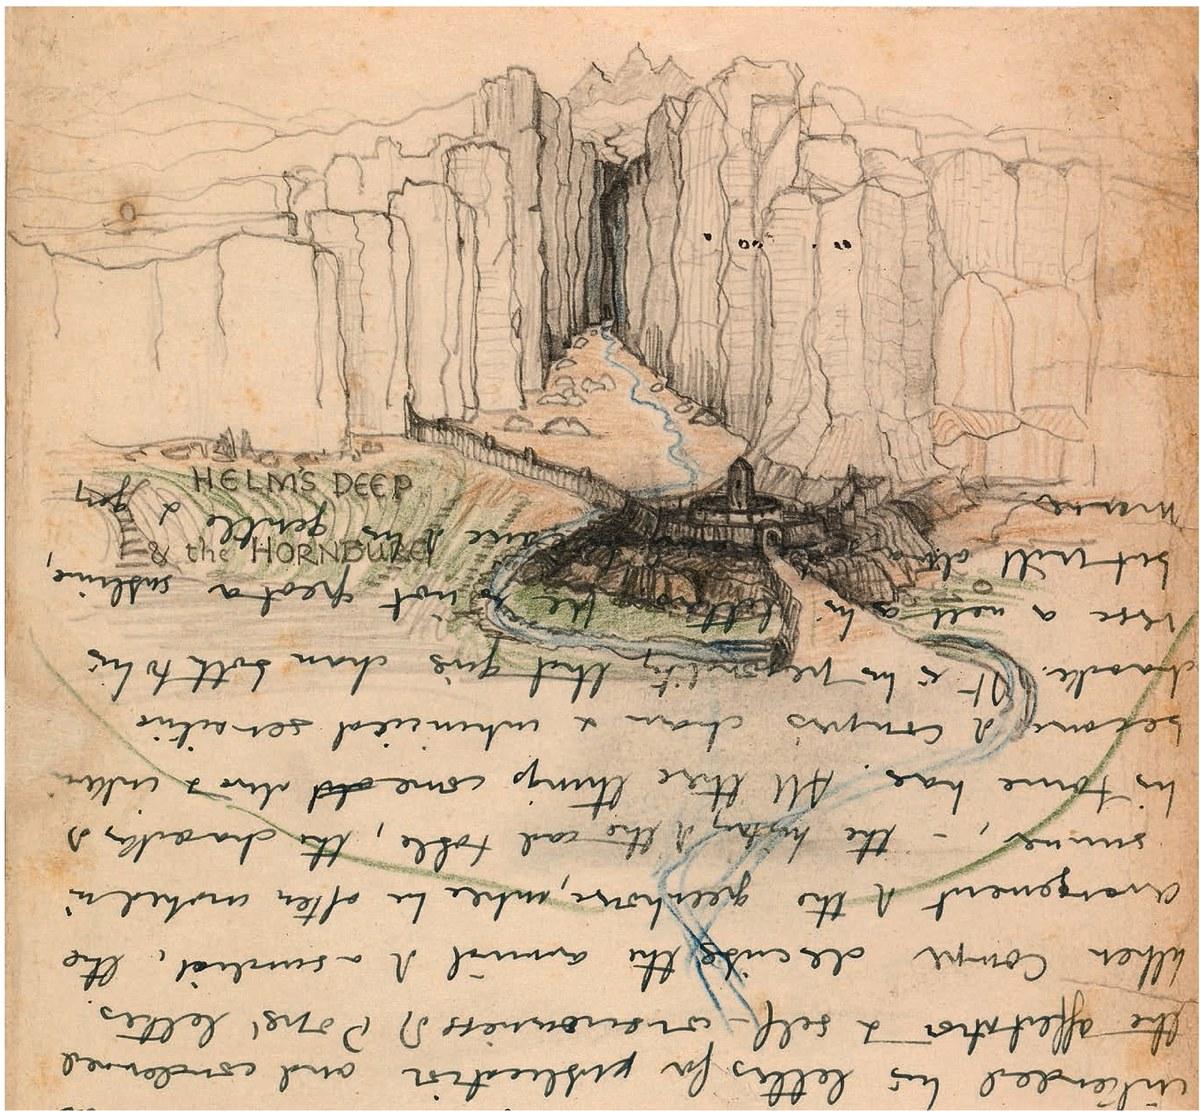 トールキンが草稿に描いた「ヘルム峡谷と角笛城」